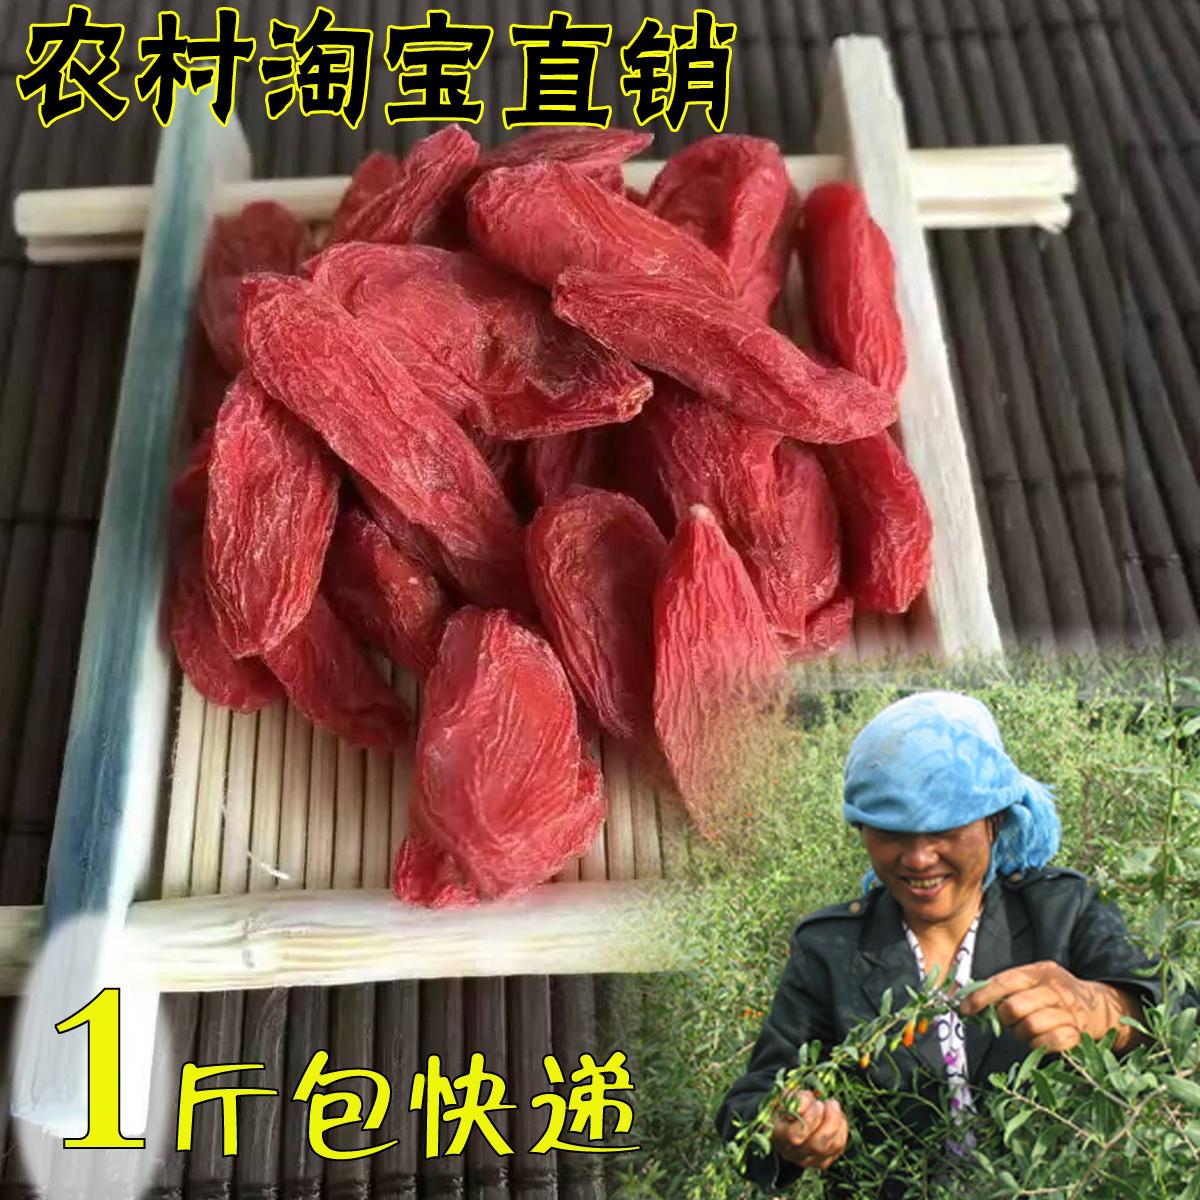 宁夏优质精品中宁枸杞子500g 一顶天红 小产区种植新品种宁杞7号